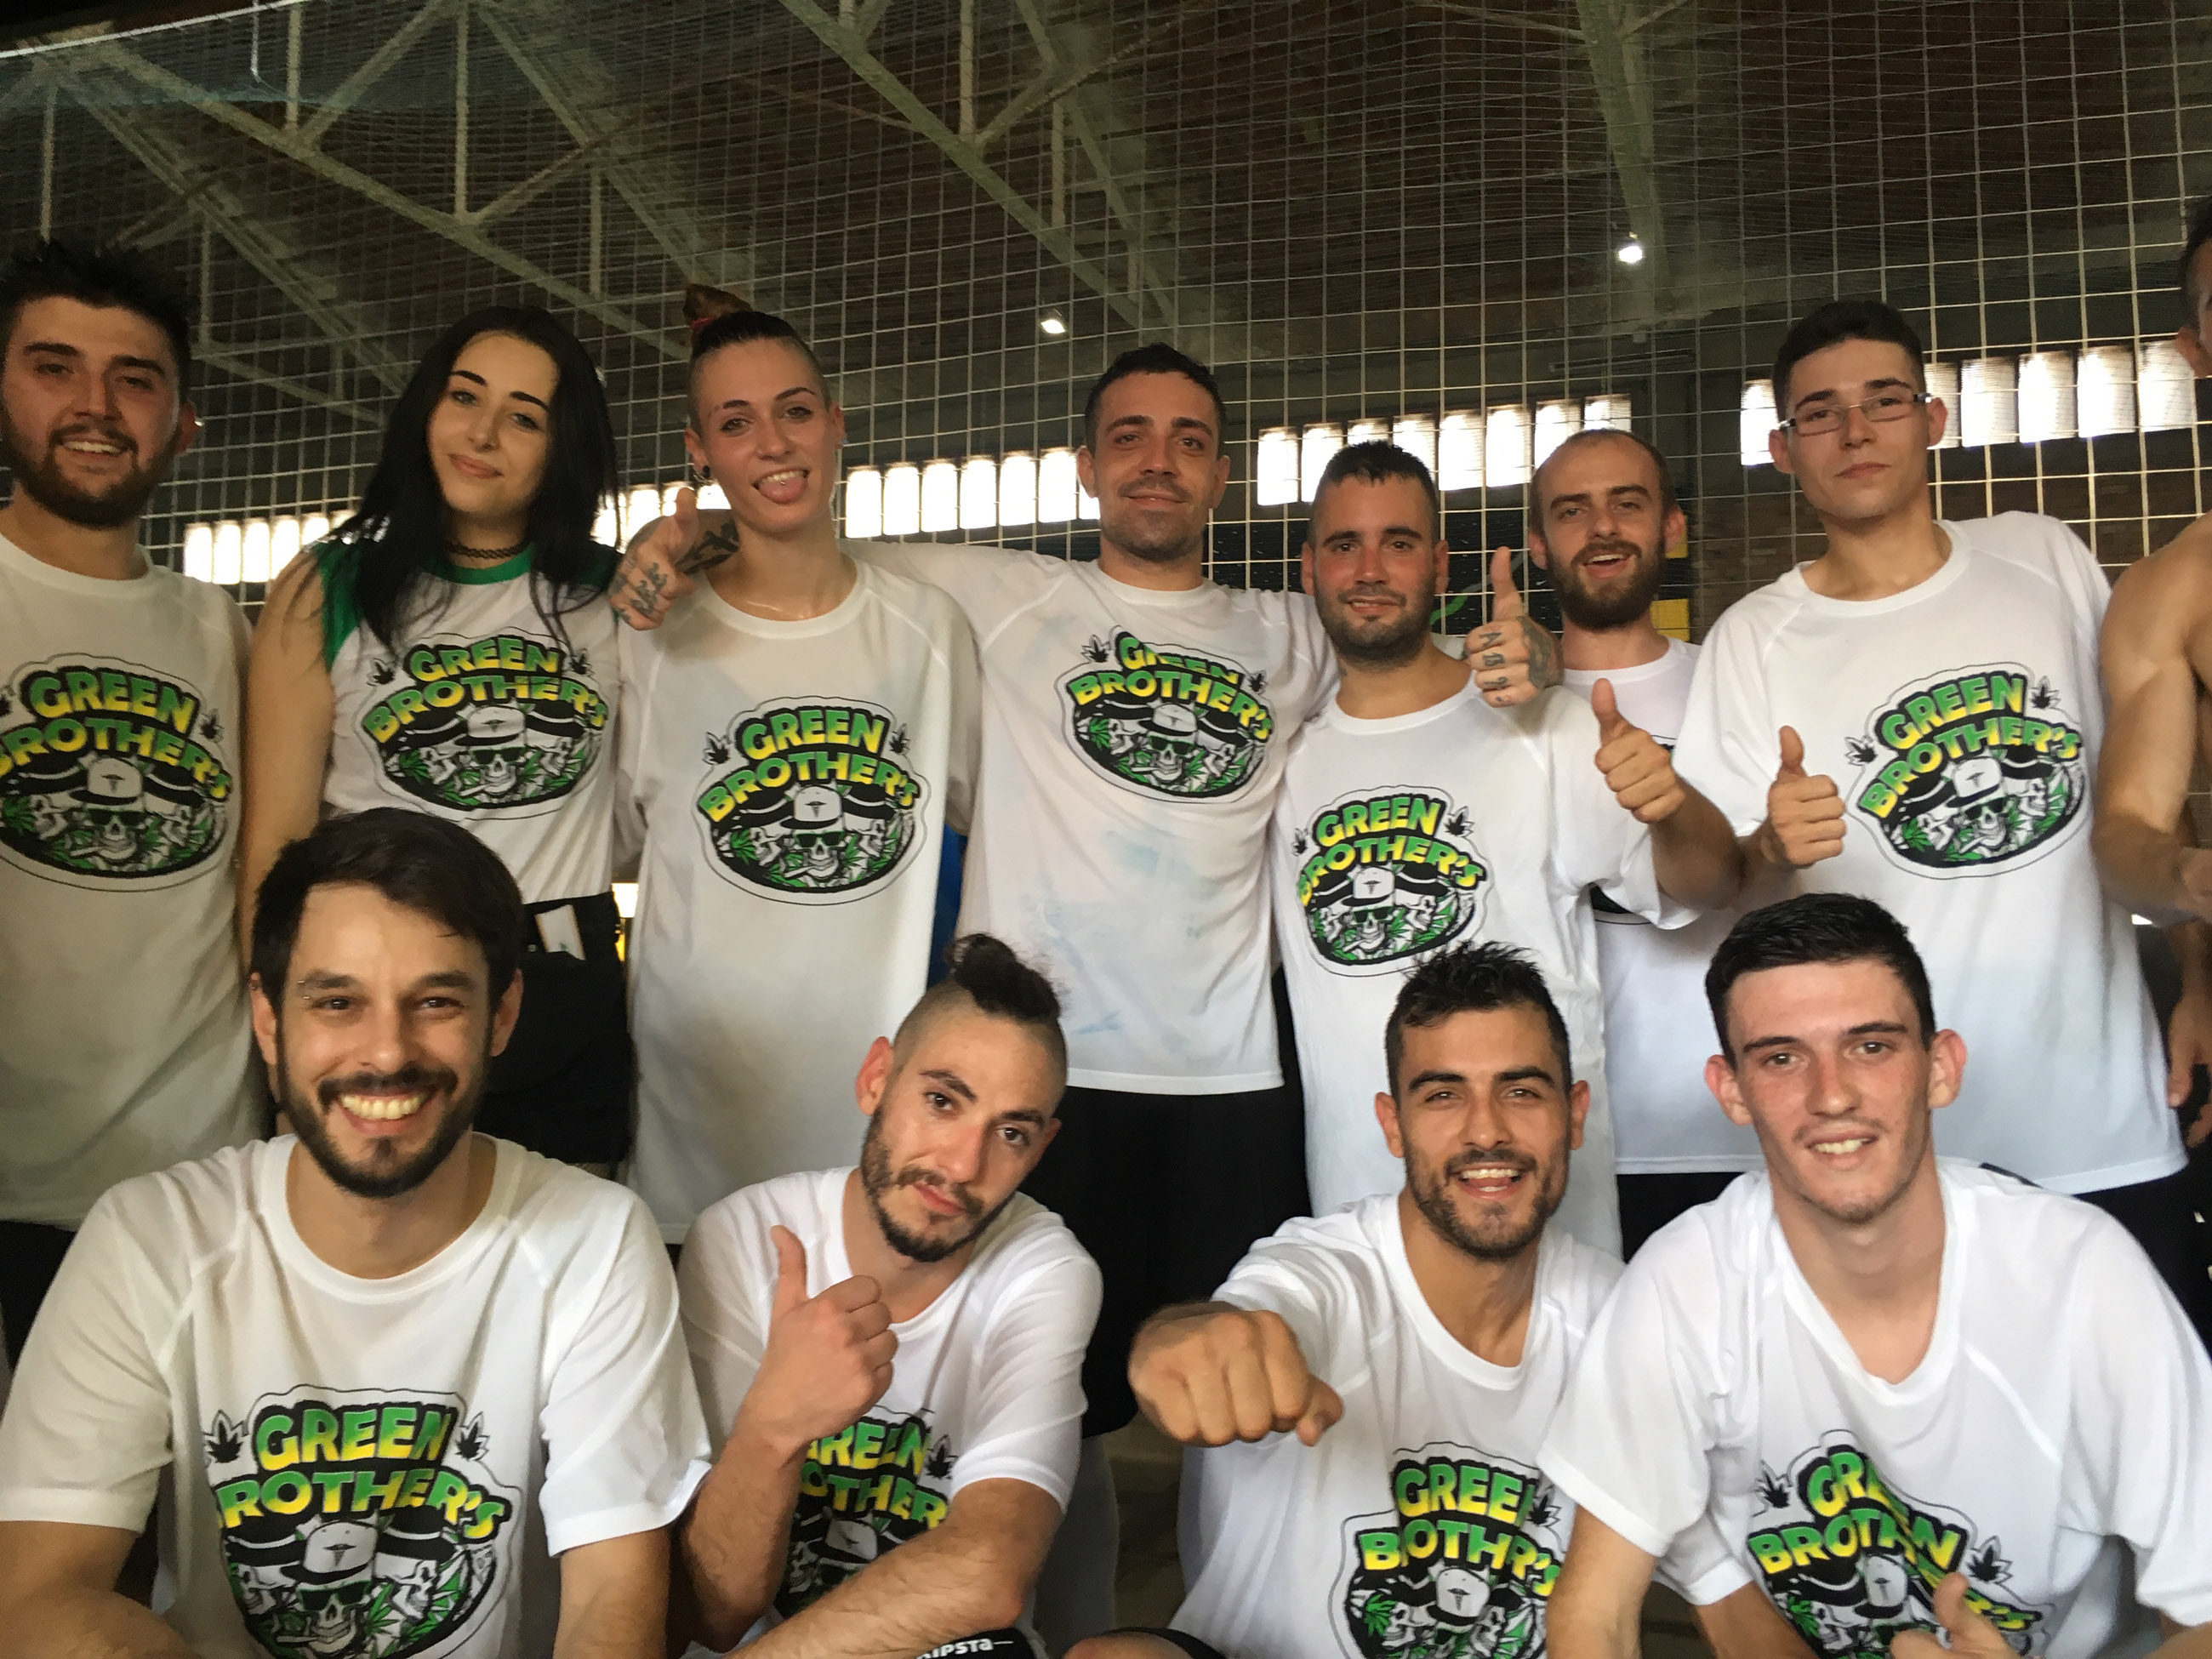 Fotografía de los Green Brothers, tomada para la liga de fútbol Mary Jane. Al contrario de lo que el nombre sugiere, en el equipo Green Brothers también juegan mujeres. Los 11 jugadores y jugadoras visten camisetas blancas del dispensario de cannabis Green Brothers, ubicado en Barcelona.